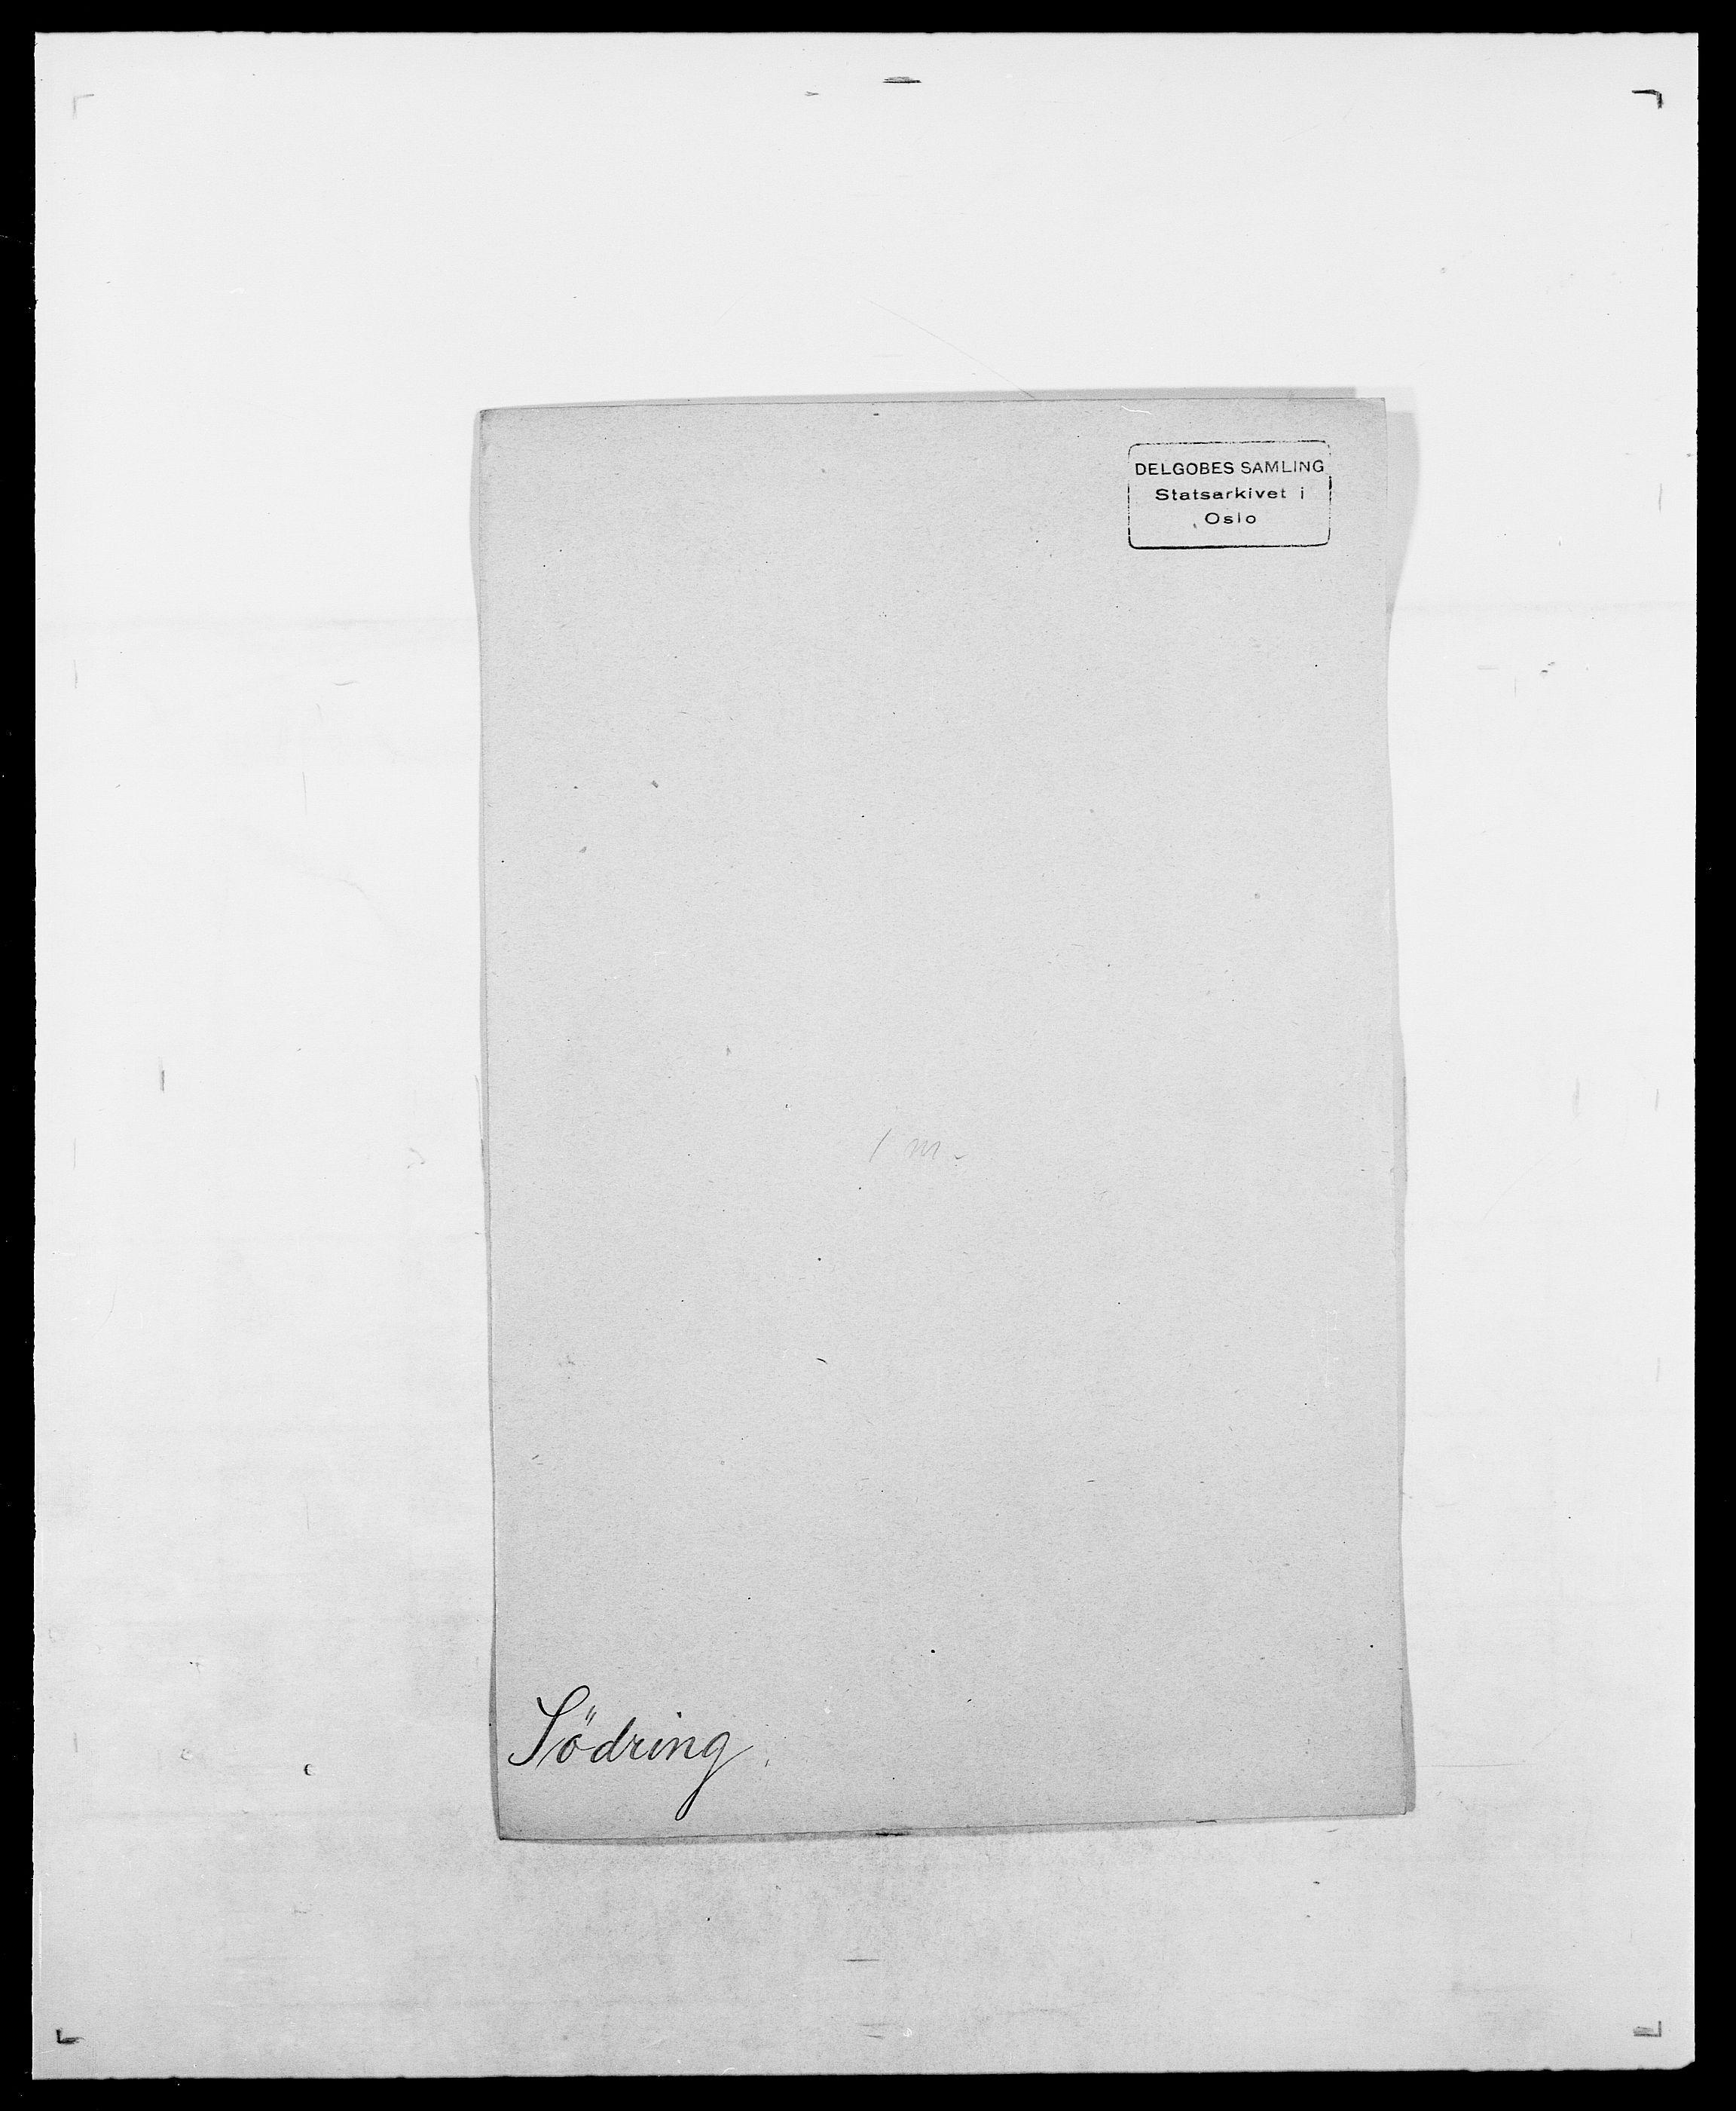 SAO, Delgobe, Charles Antoine - samling, D/Da/L0038: Svanenskjold - Thornsohn, s. 145